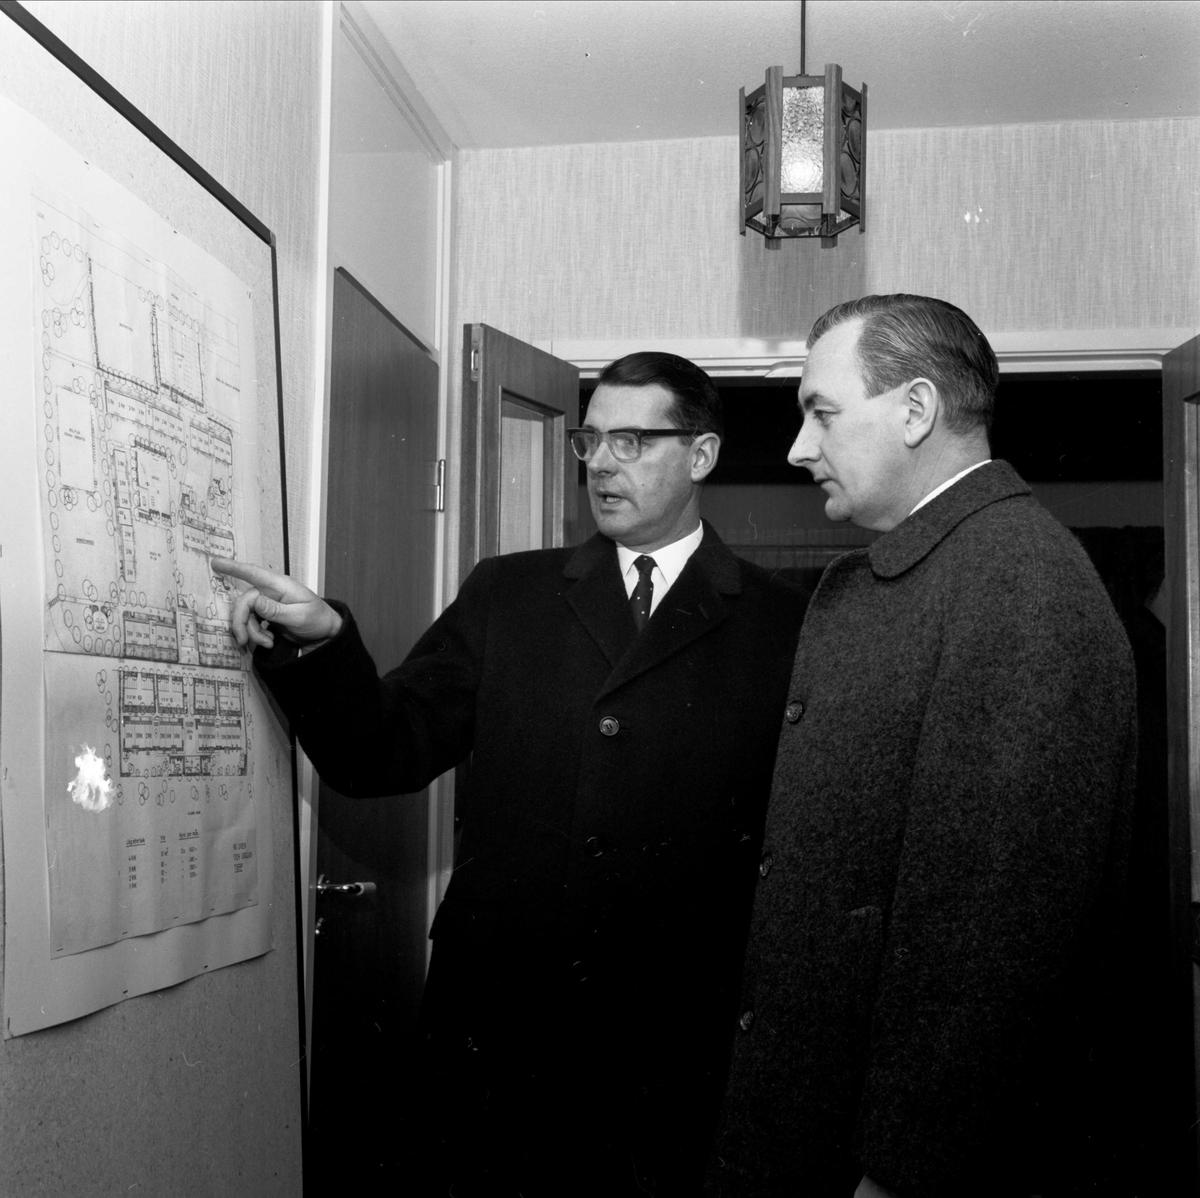 """""""Bostäder visade för kommunfolk"""", sannolikt Tierp, Uppland 1968"""